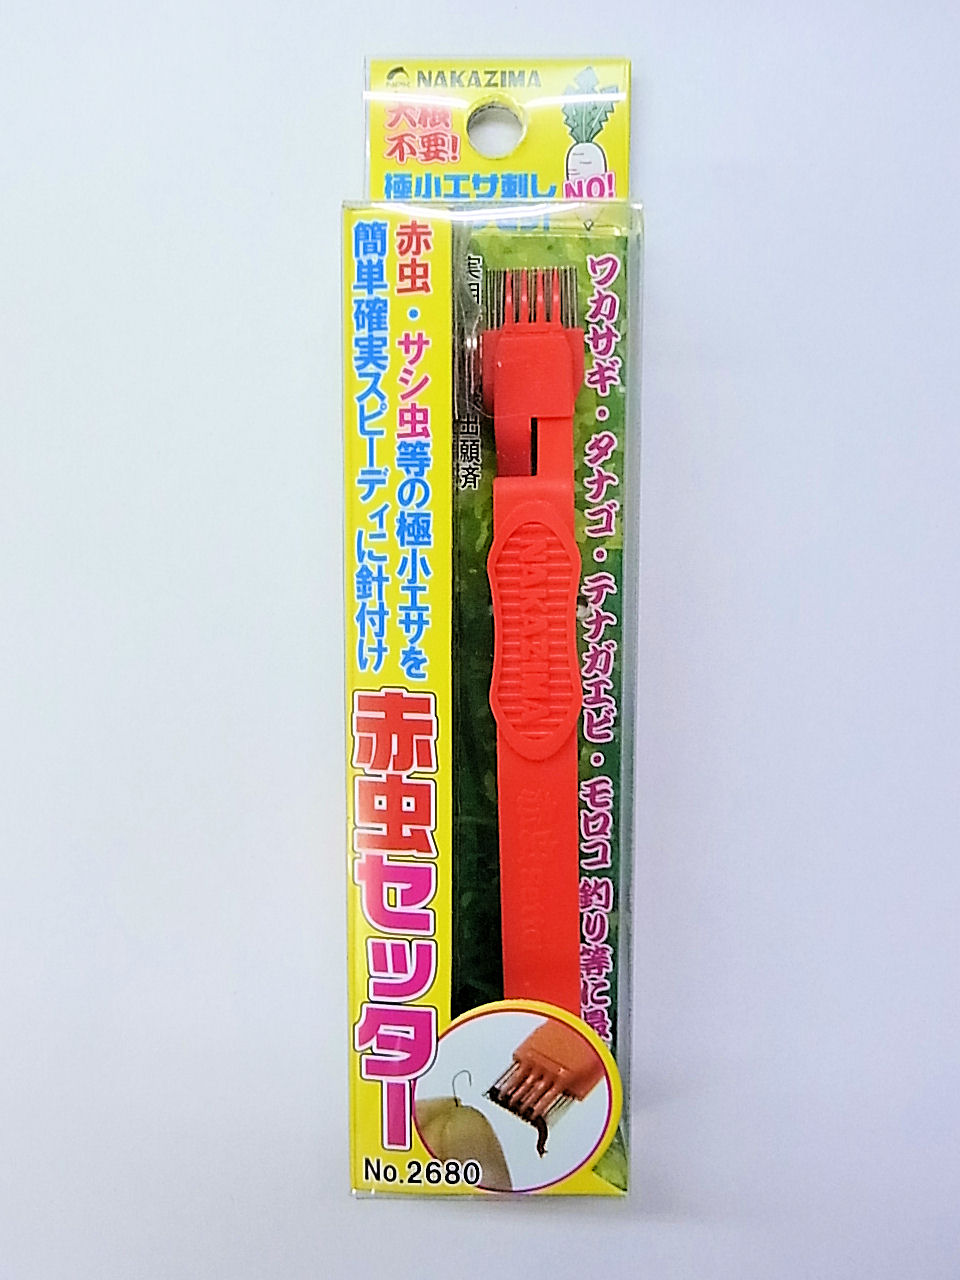 画像1: 大根不要!便利道具!ナカジマ 赤虫セッター